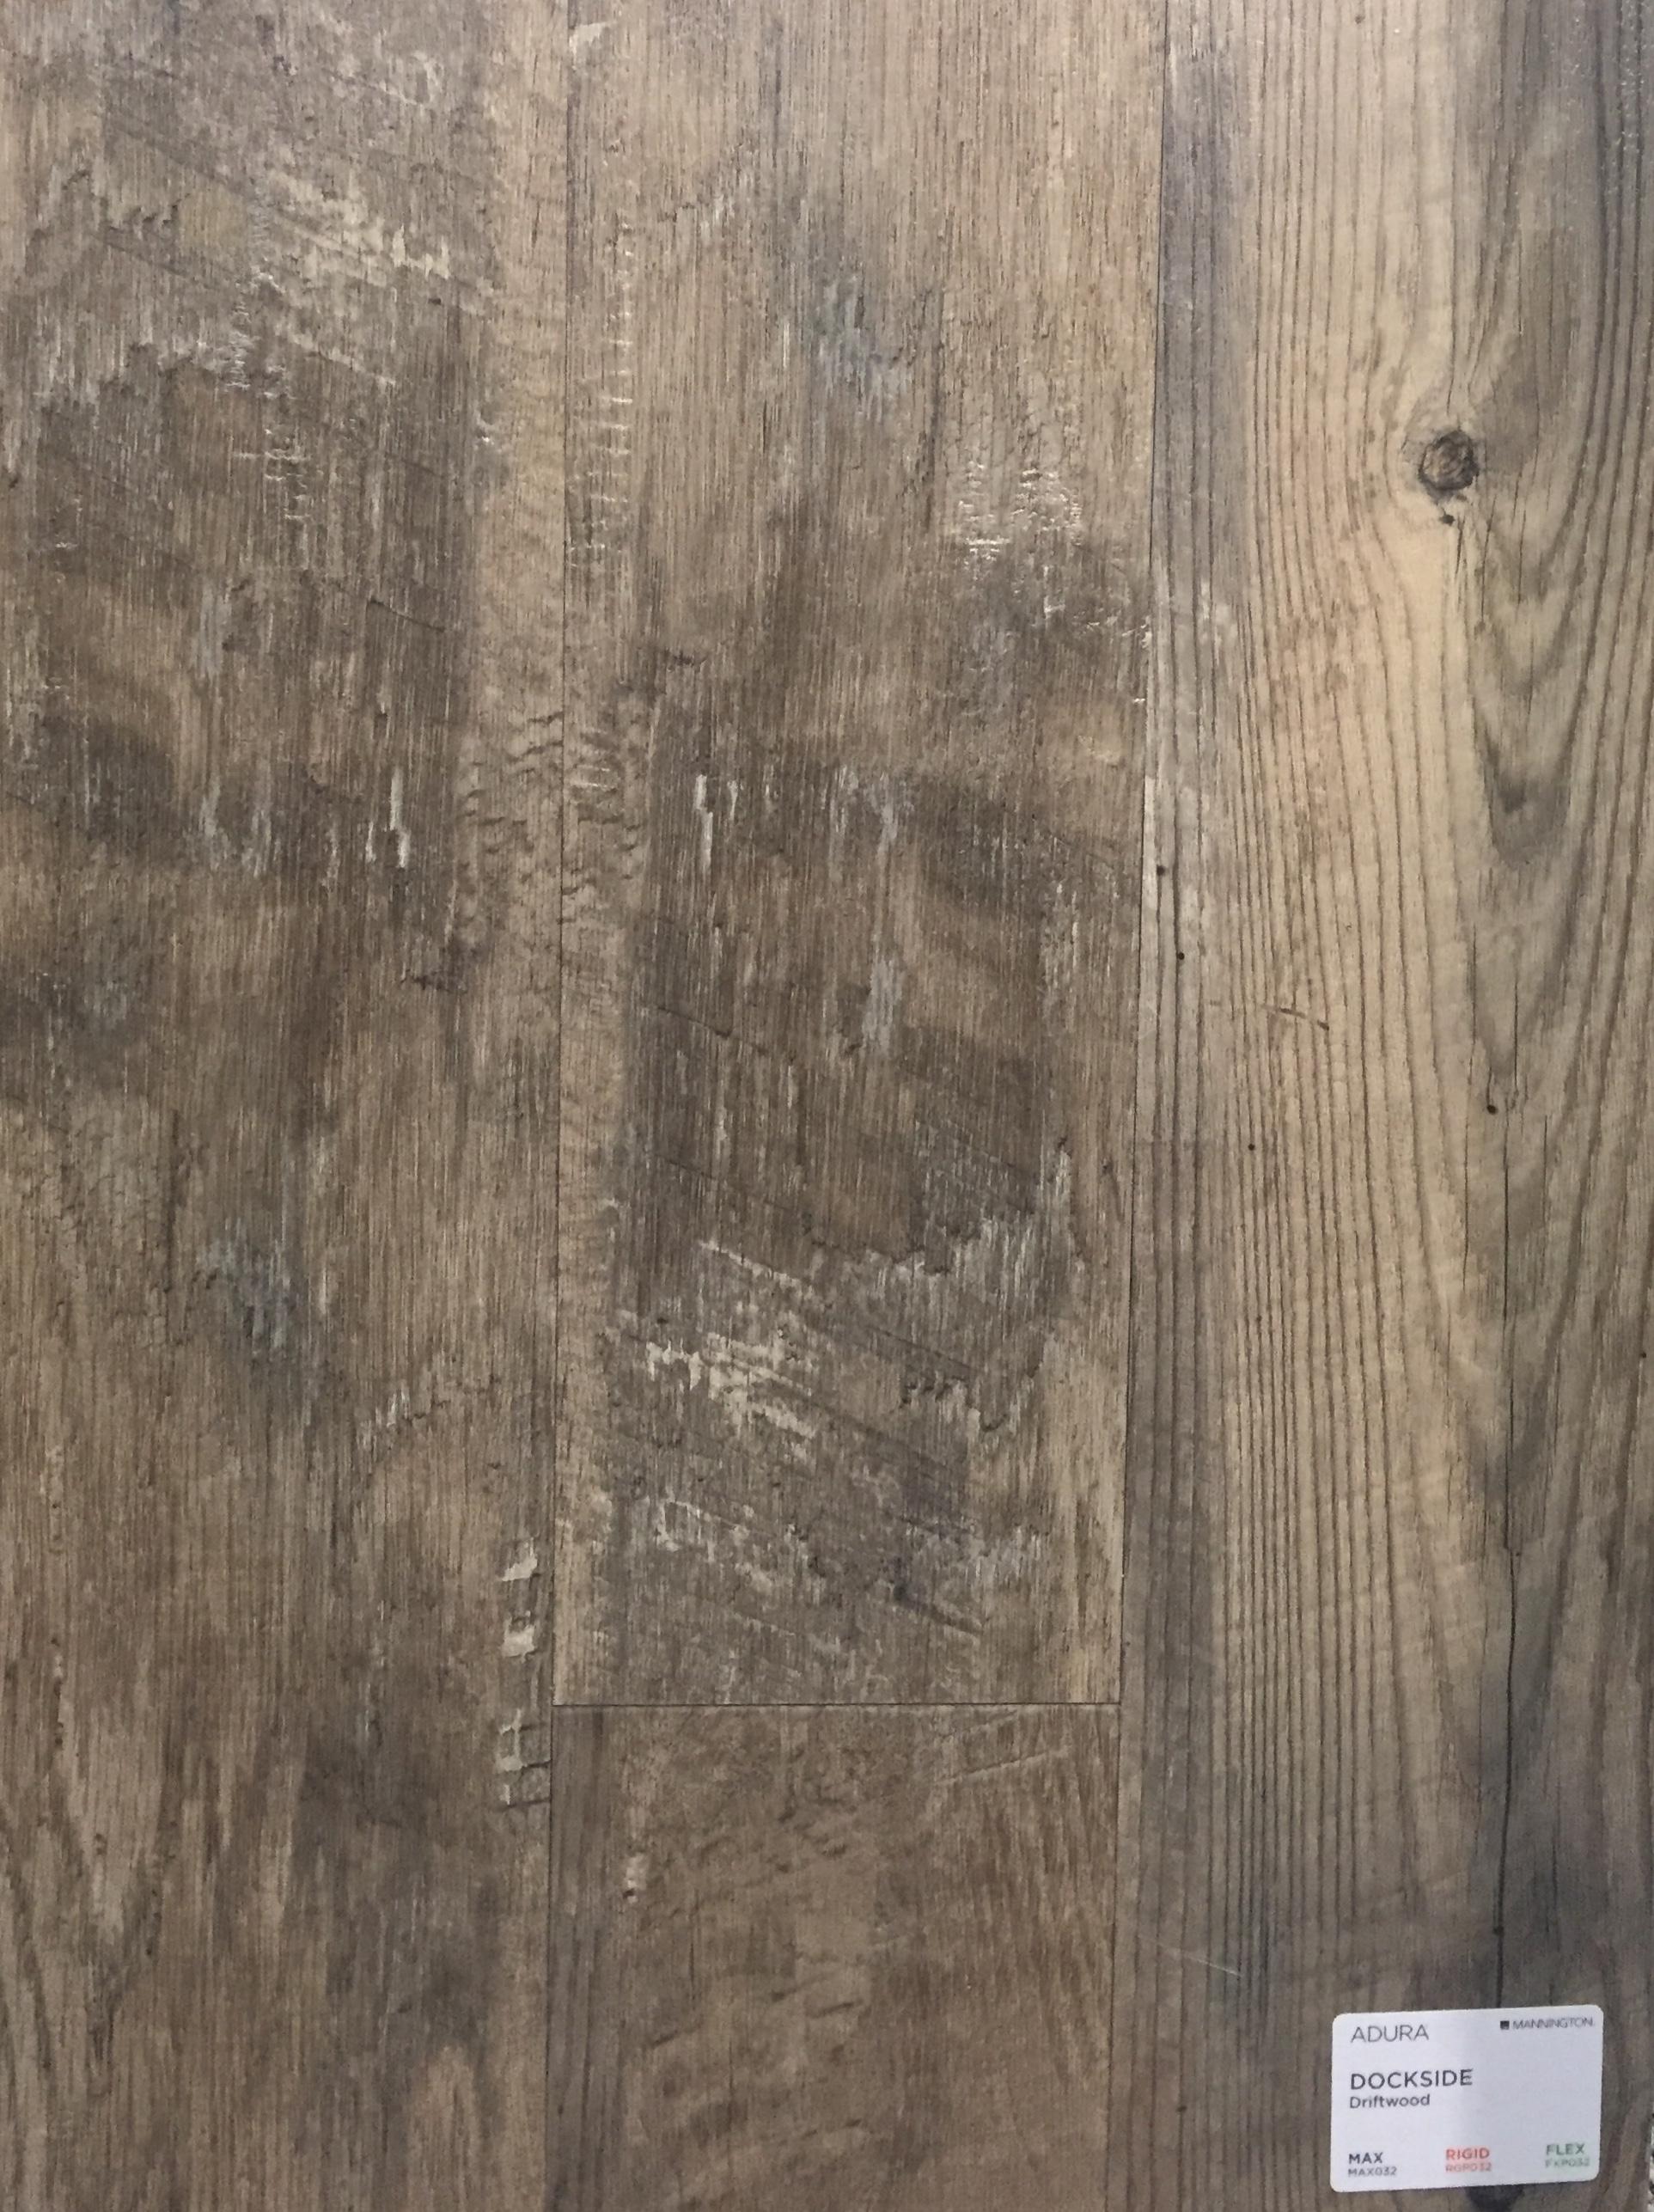 Dockside - Driftwood